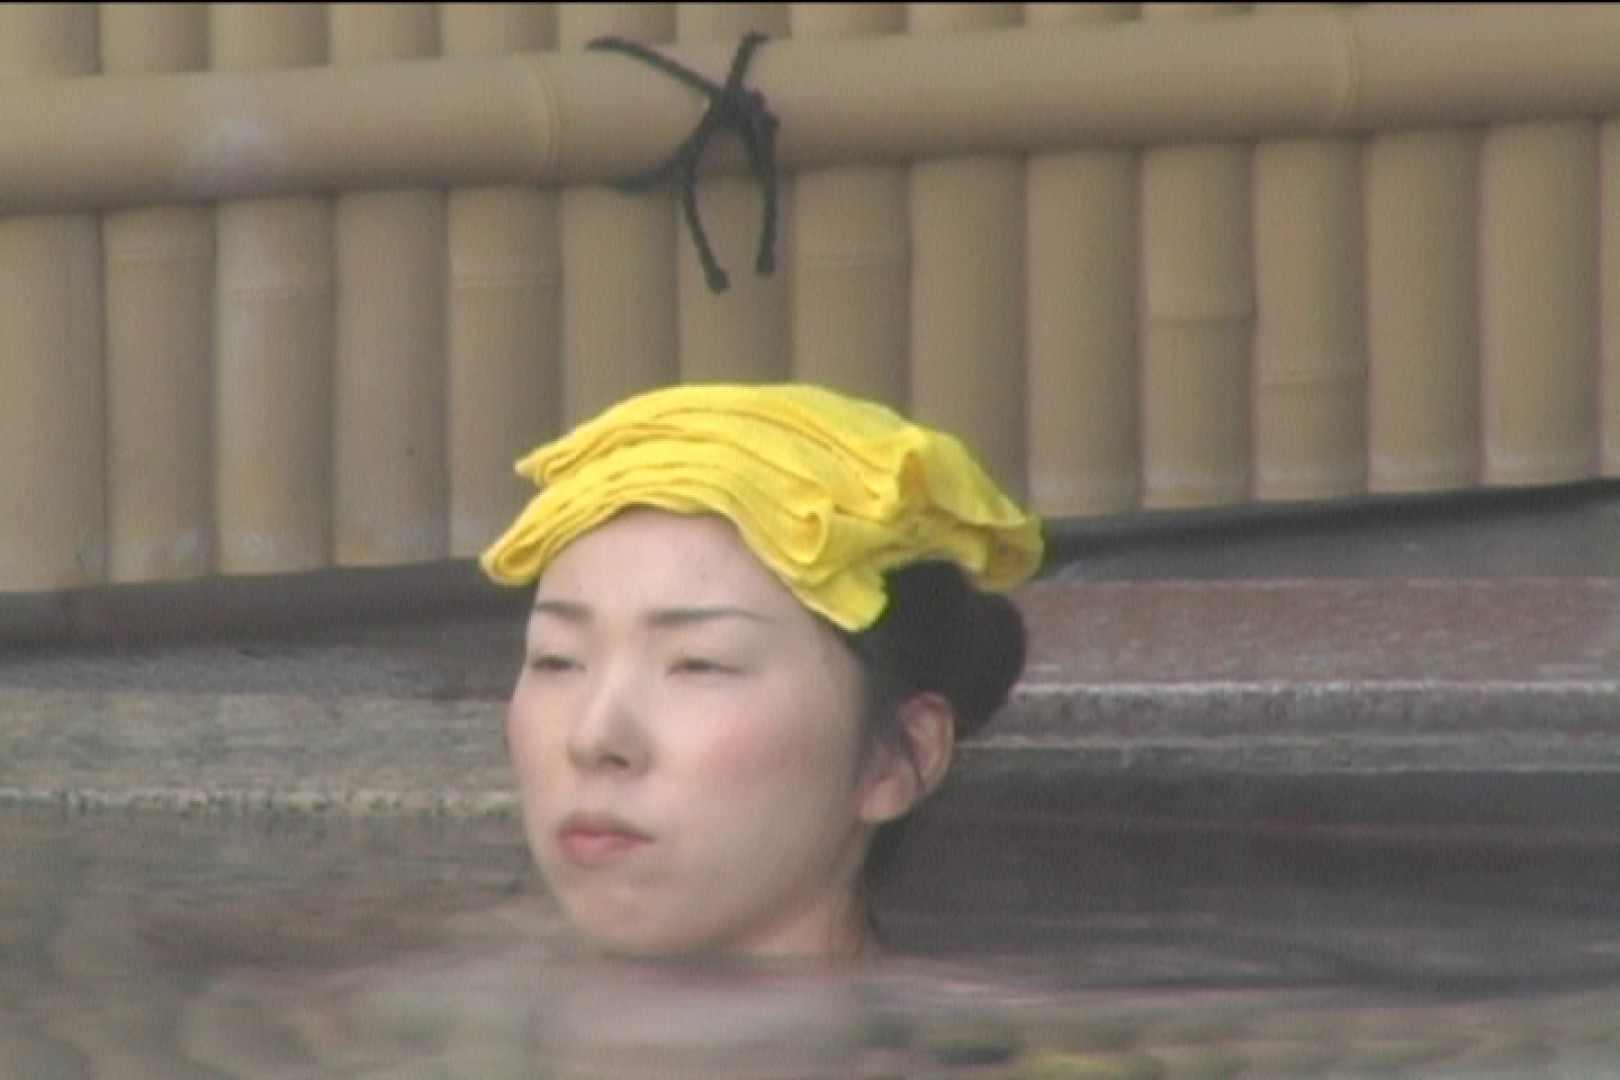 Aquaな露天風呂Vol.529 盗撮シリーズ  106PIX 98